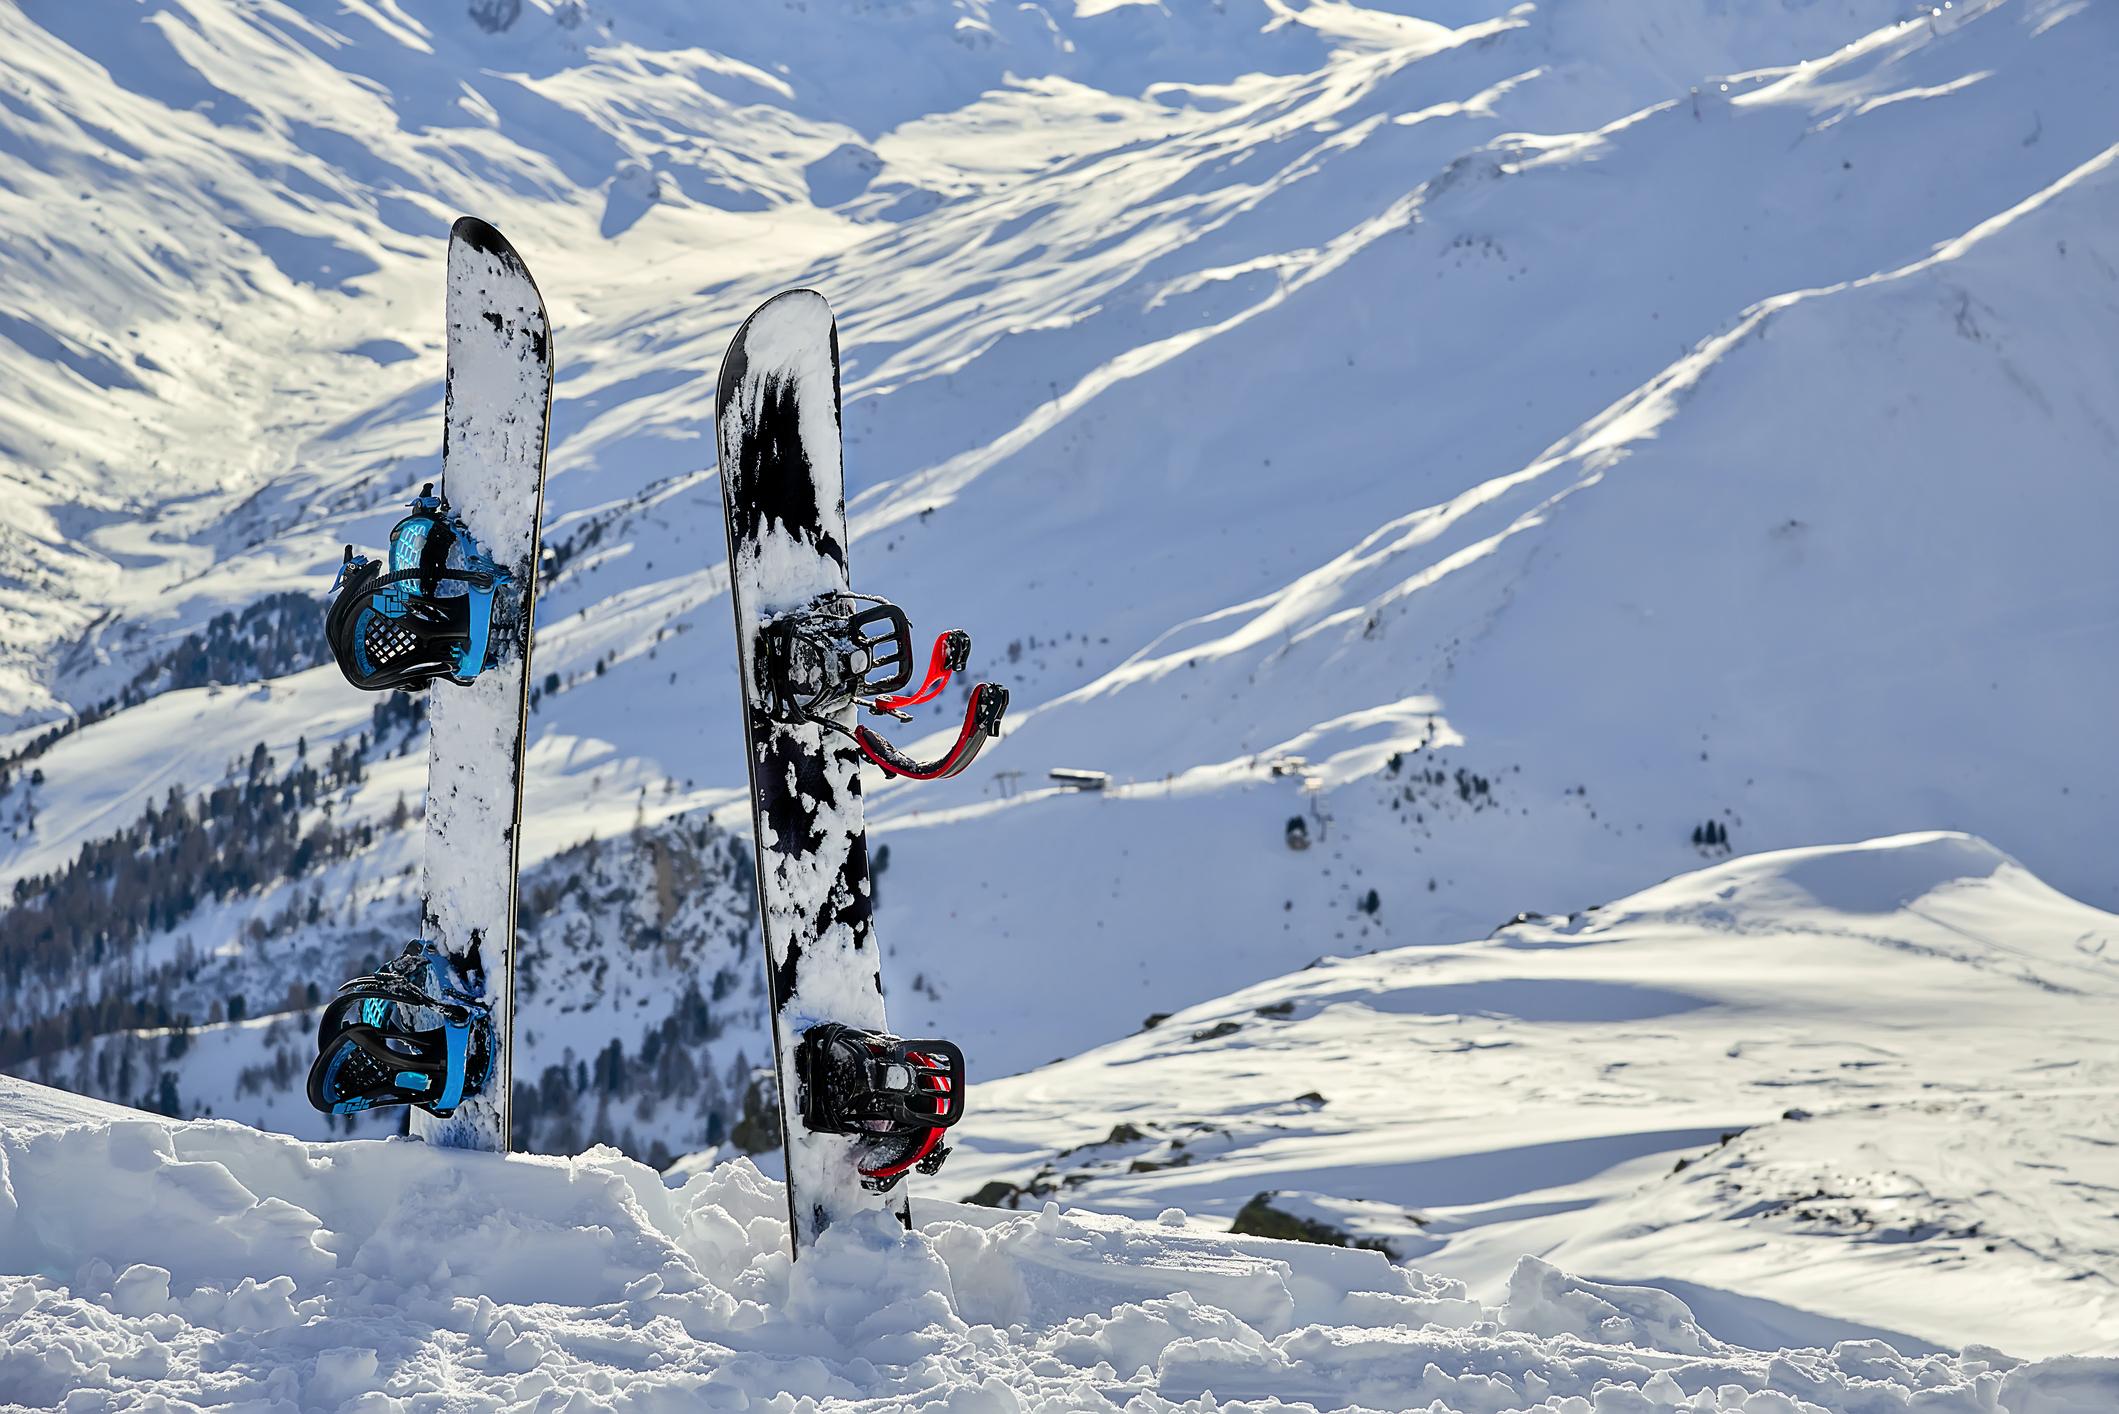 スキー場に立っているスノーボード